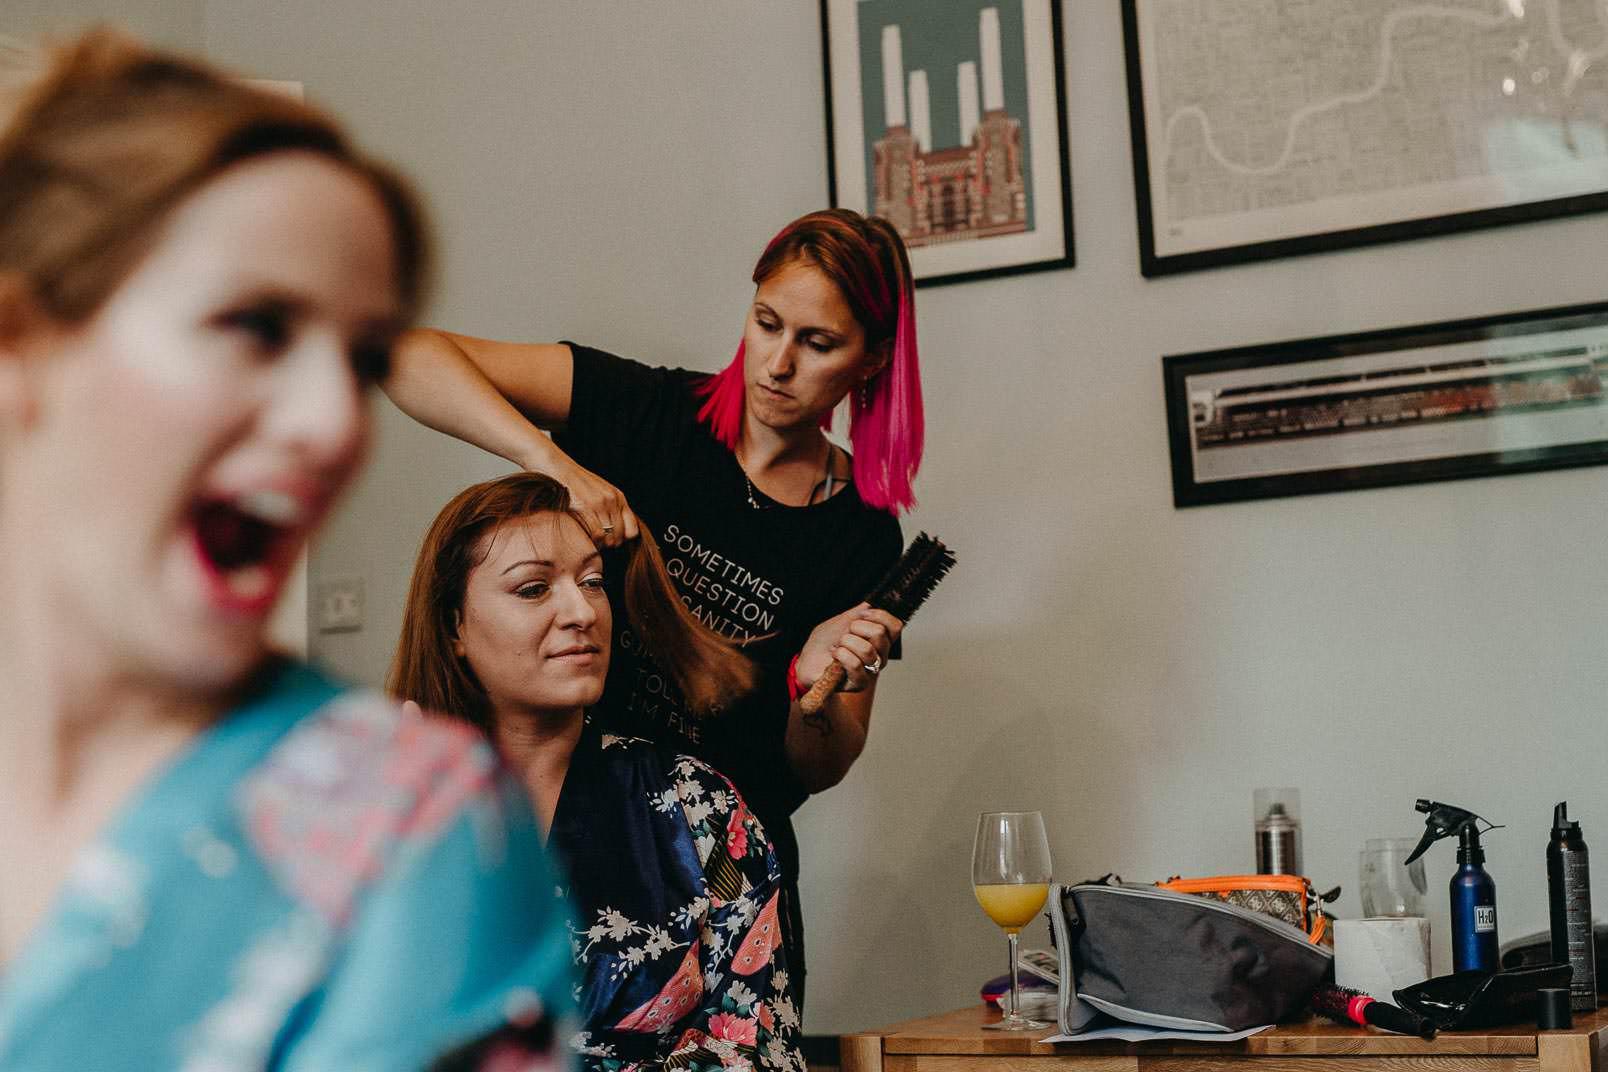 hairdresser doing hair